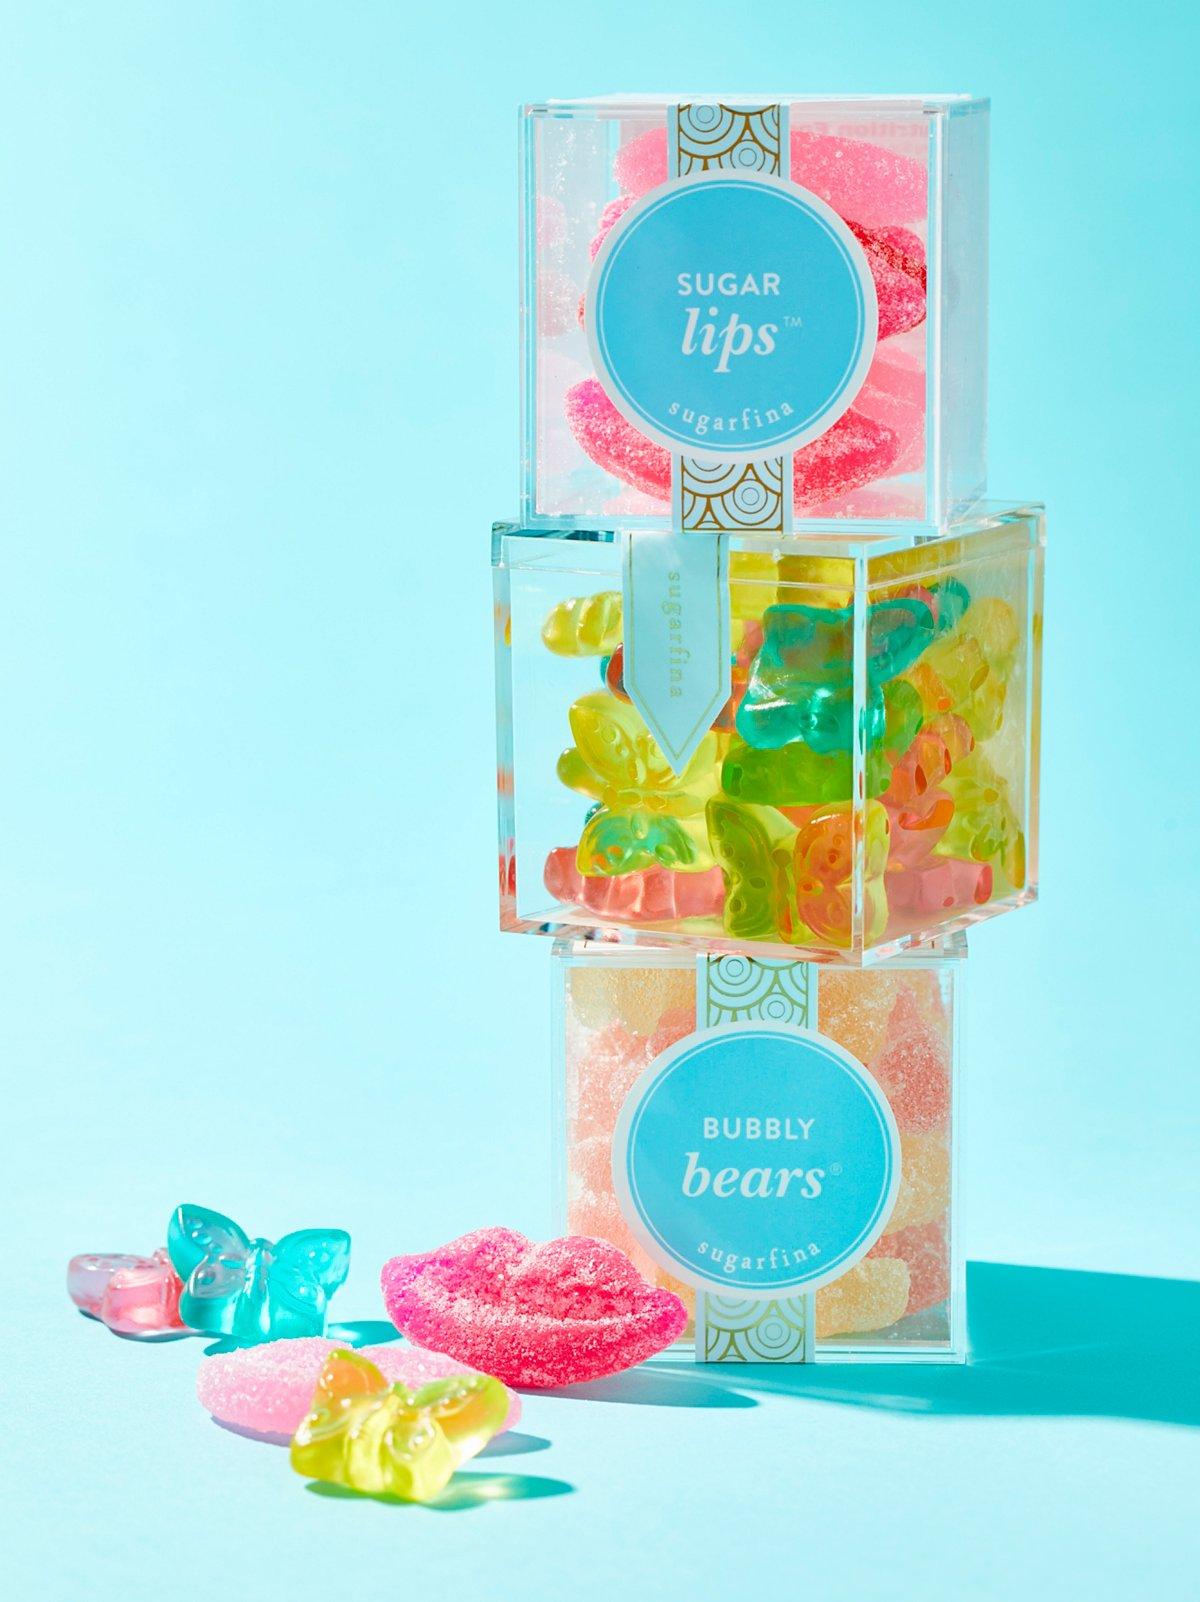 Sugarfina Gummies